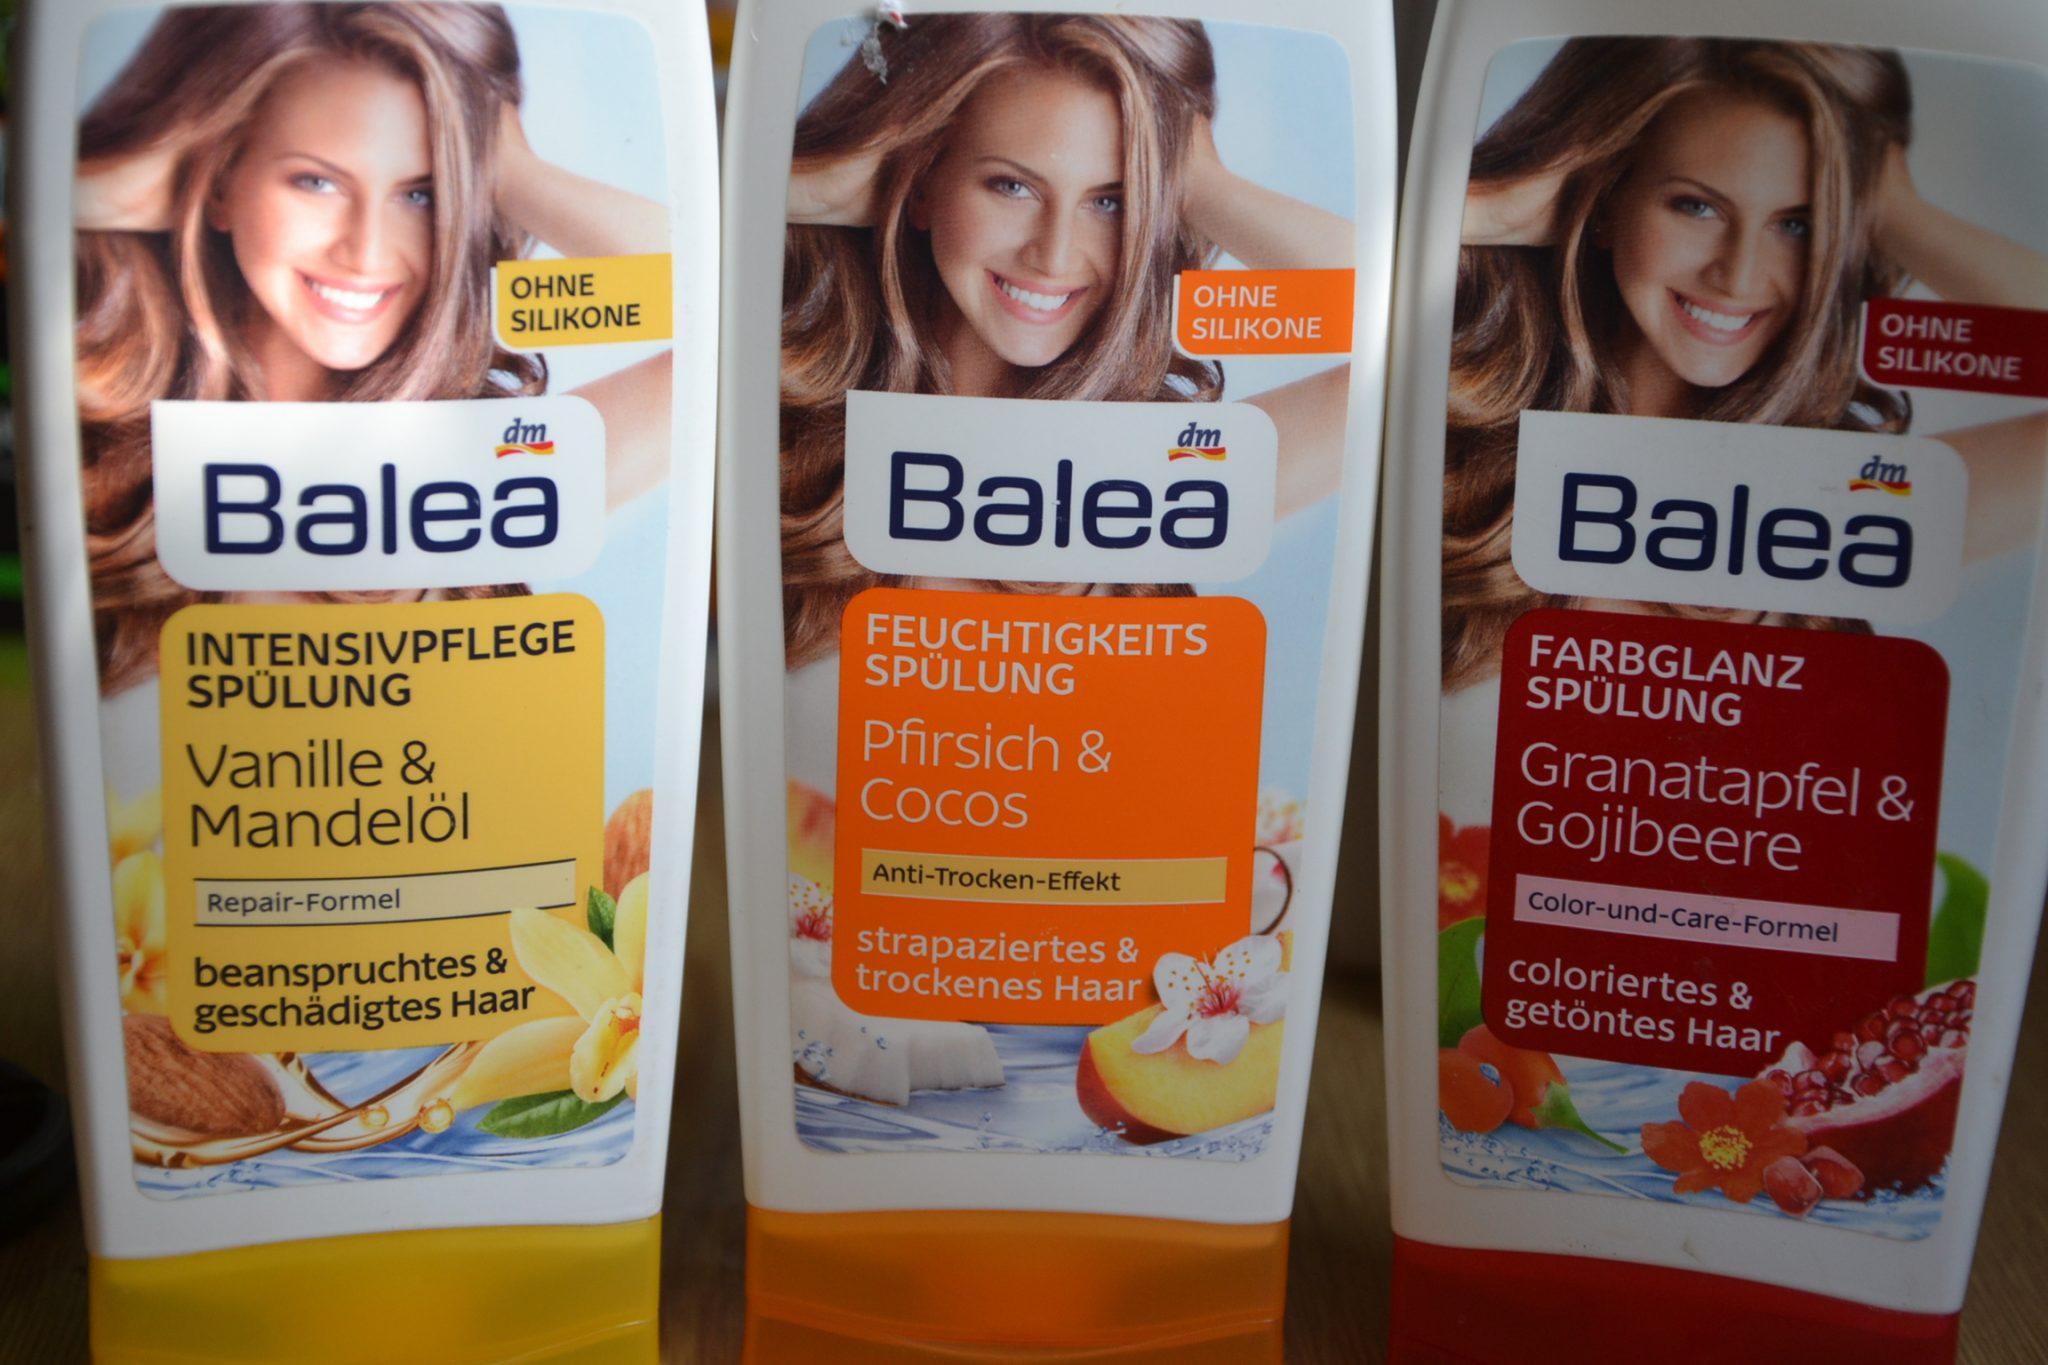 Бюджетная косметика для волос Balea. Германия.